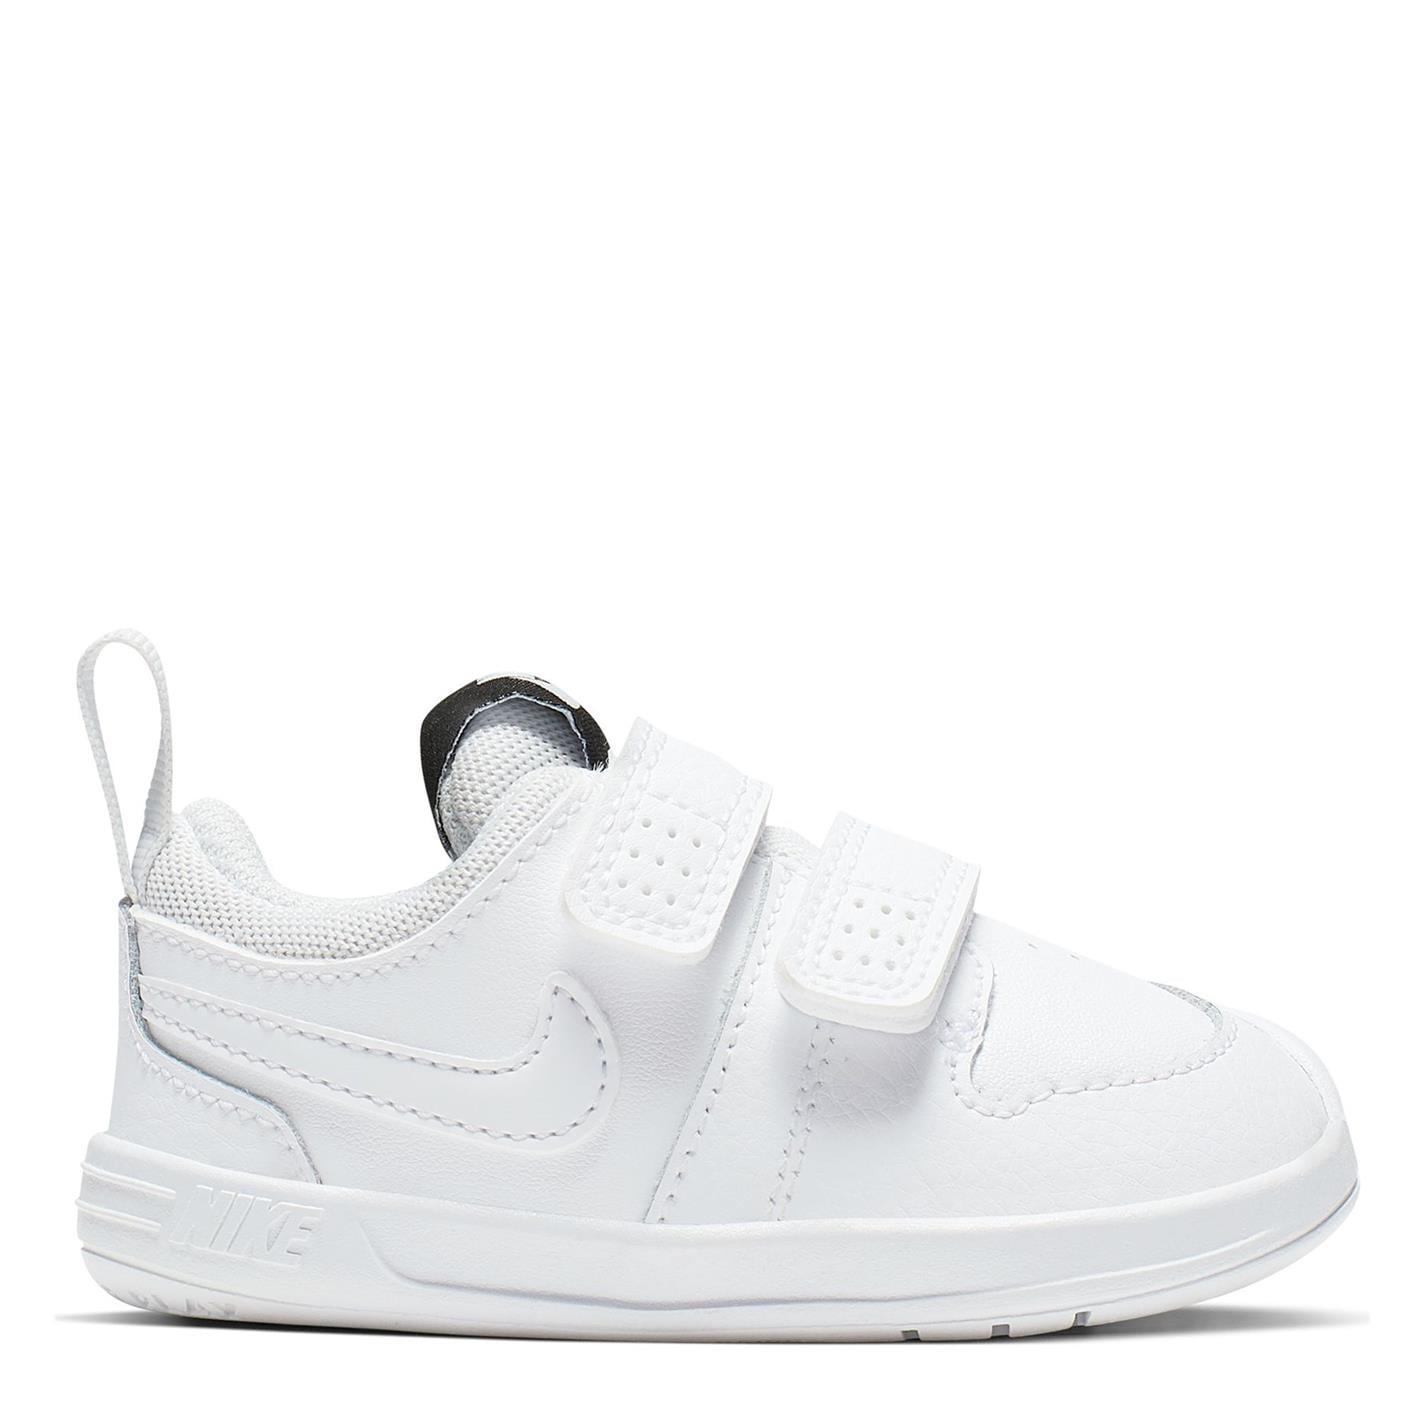 Nike Pico 5 Infant/Toddler Shoe White/White